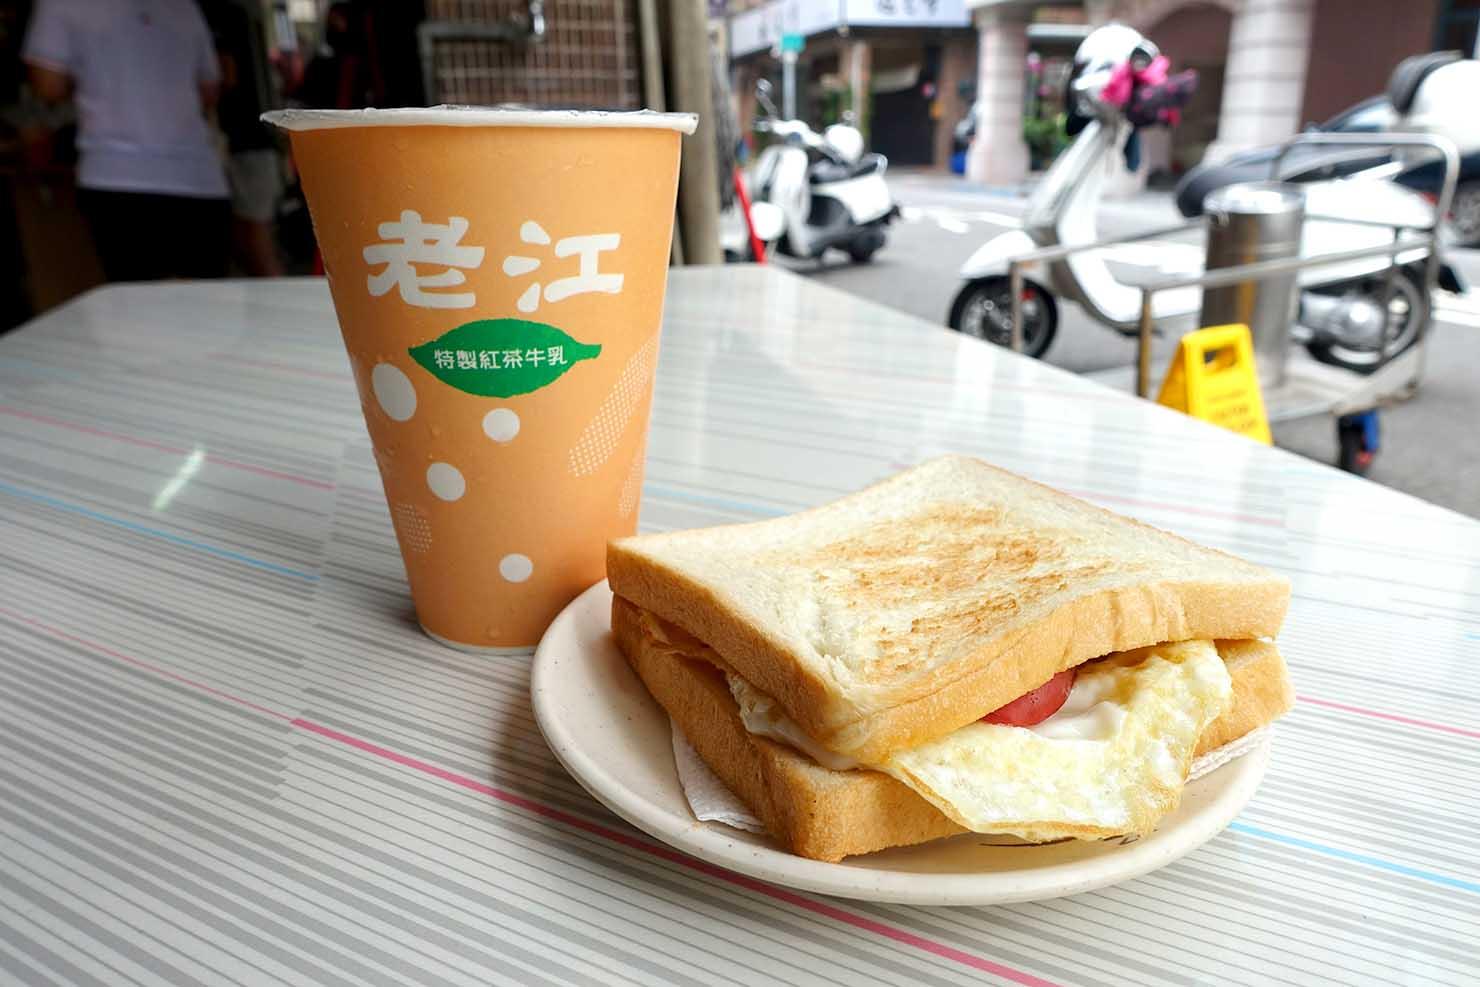 高雄・美麗島の老舗朝ごはん屋さん「老江紅茶牛奶」の火腿蛋吐司(ハムエッグトースト)+紅茶牛奶(ミルクティー)